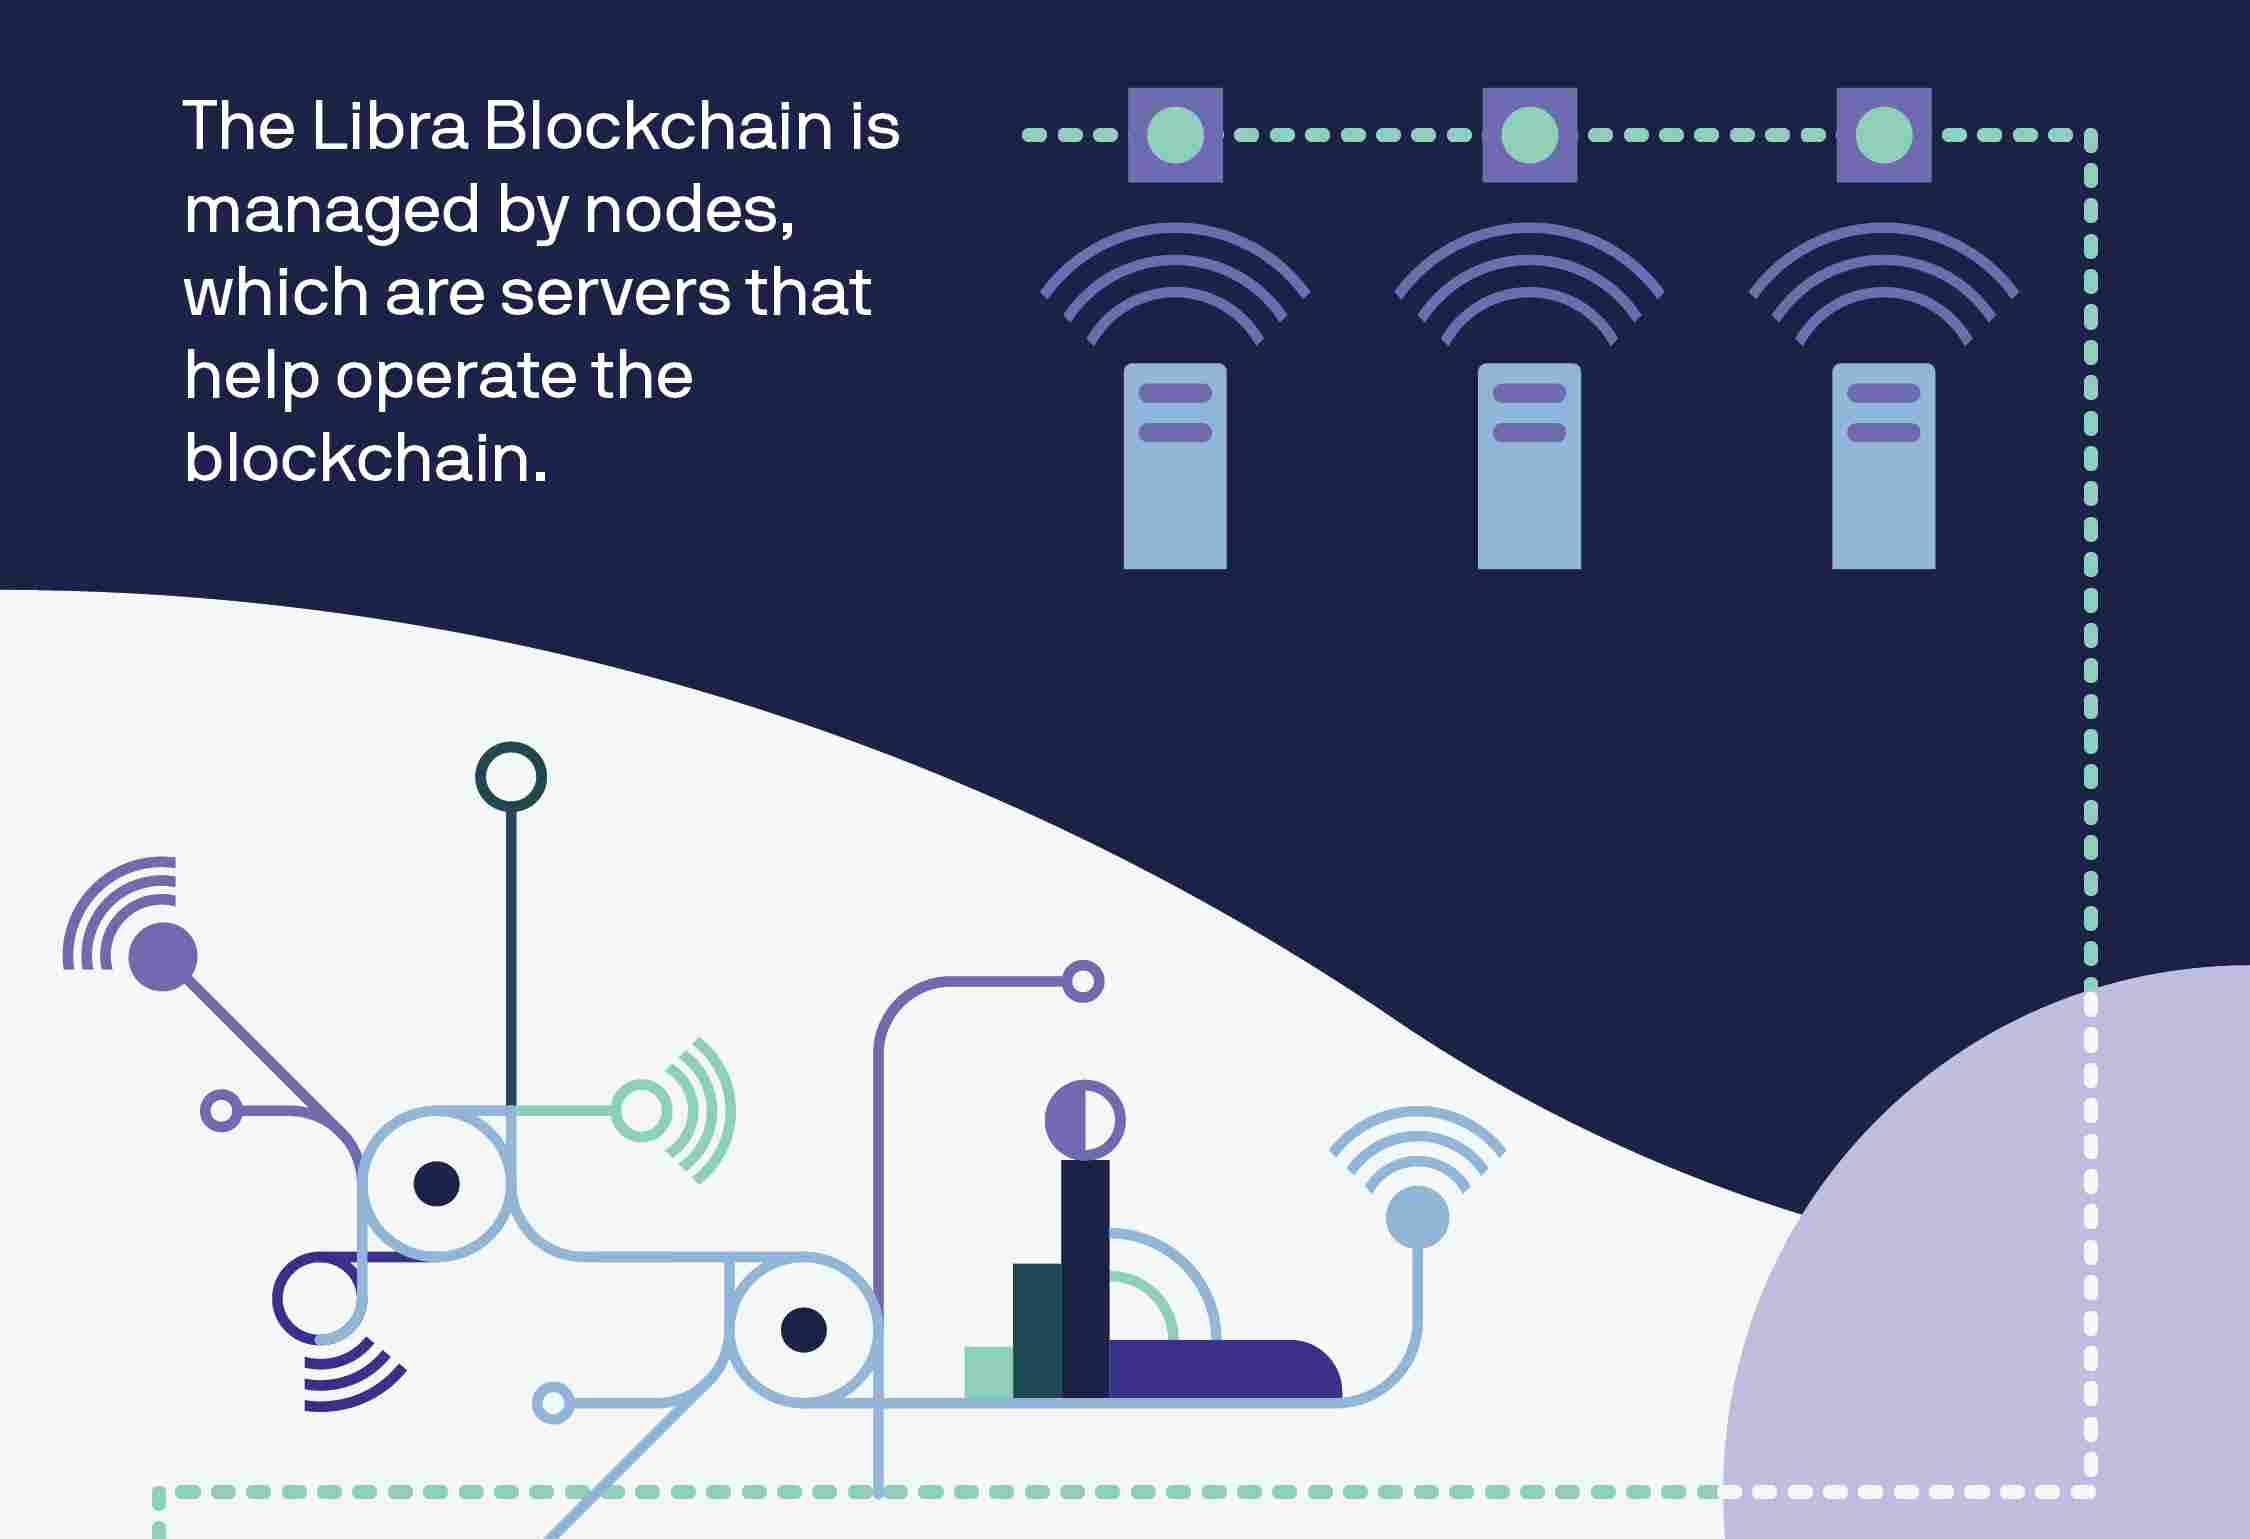 La Libra Blockchain es administrada por nodos, que son servidores que ayudan a operar la cadena de bloques o blockchains, la tecnología detrás de las criptomonedas. (Foto: Facebook)